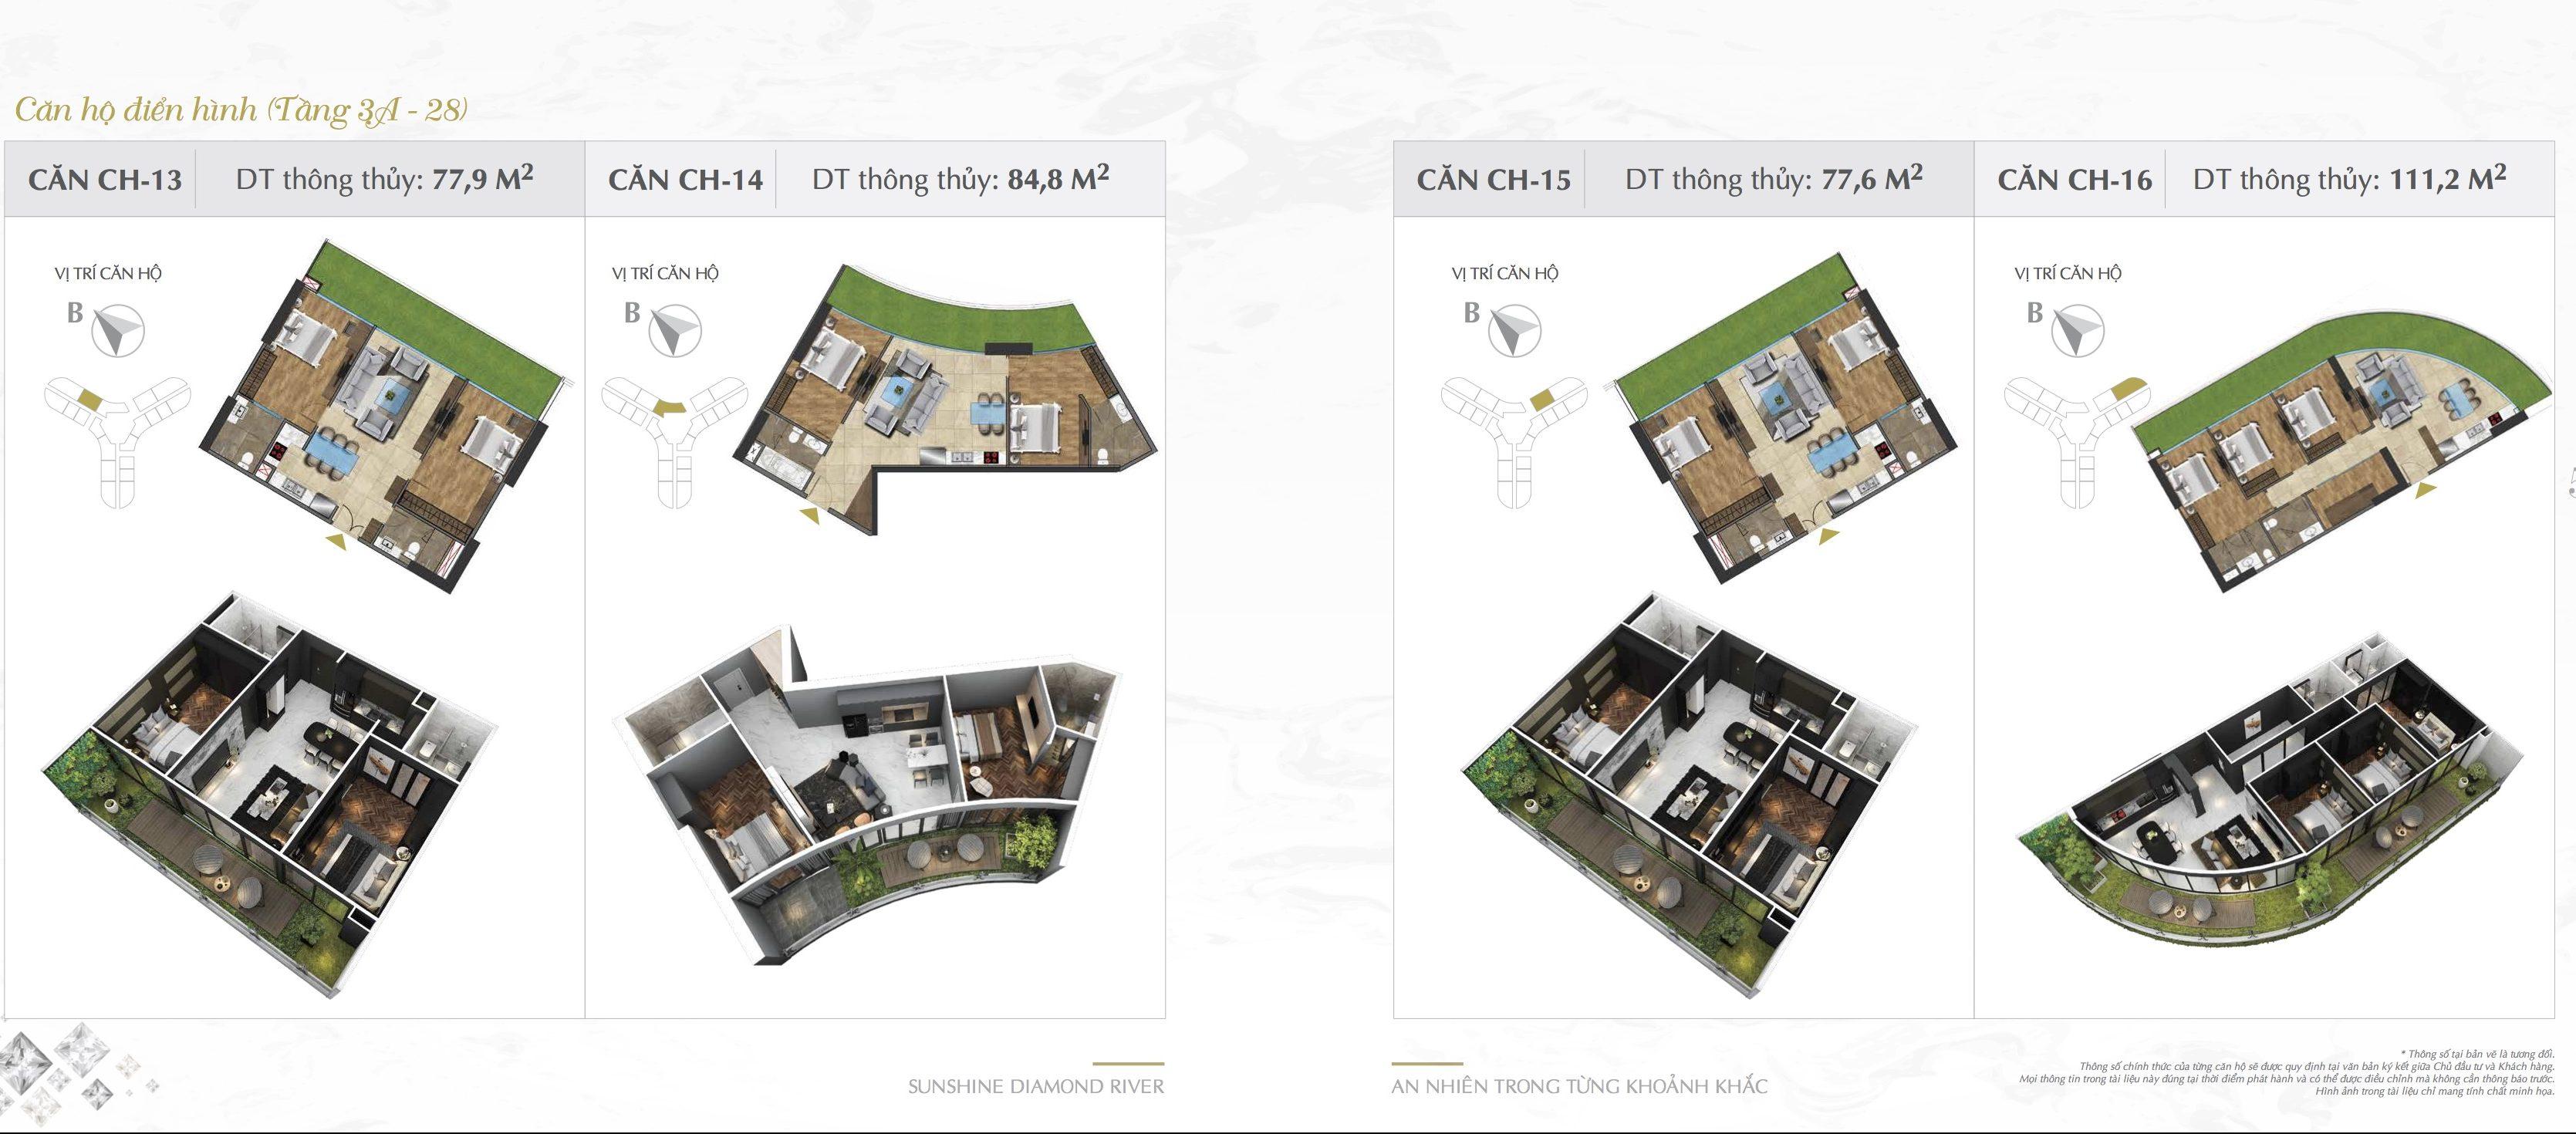 Thiết kế căn hộ Sunshine Diamond River 13-14-15-16.